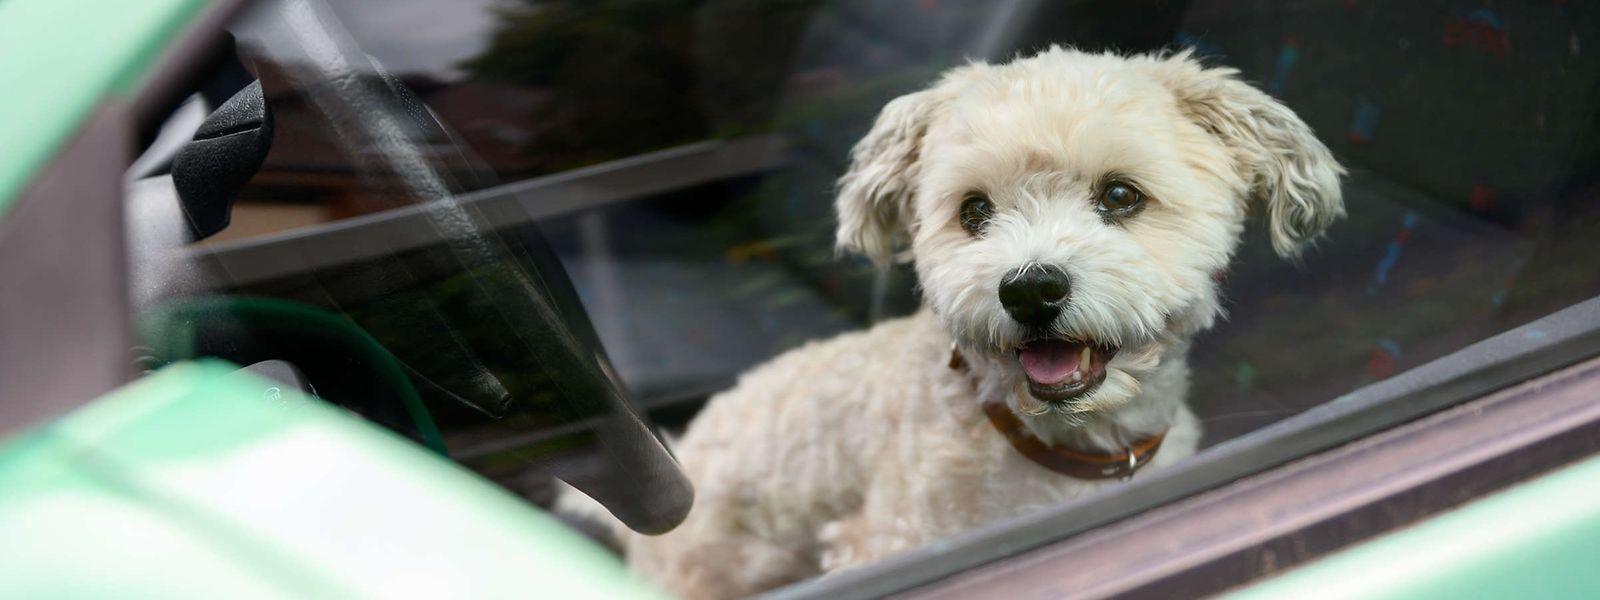 La personne inactive face à un chien délaissé en plein soleil encourt également une peine d'emprisonnement de «huit jours à trois ans».